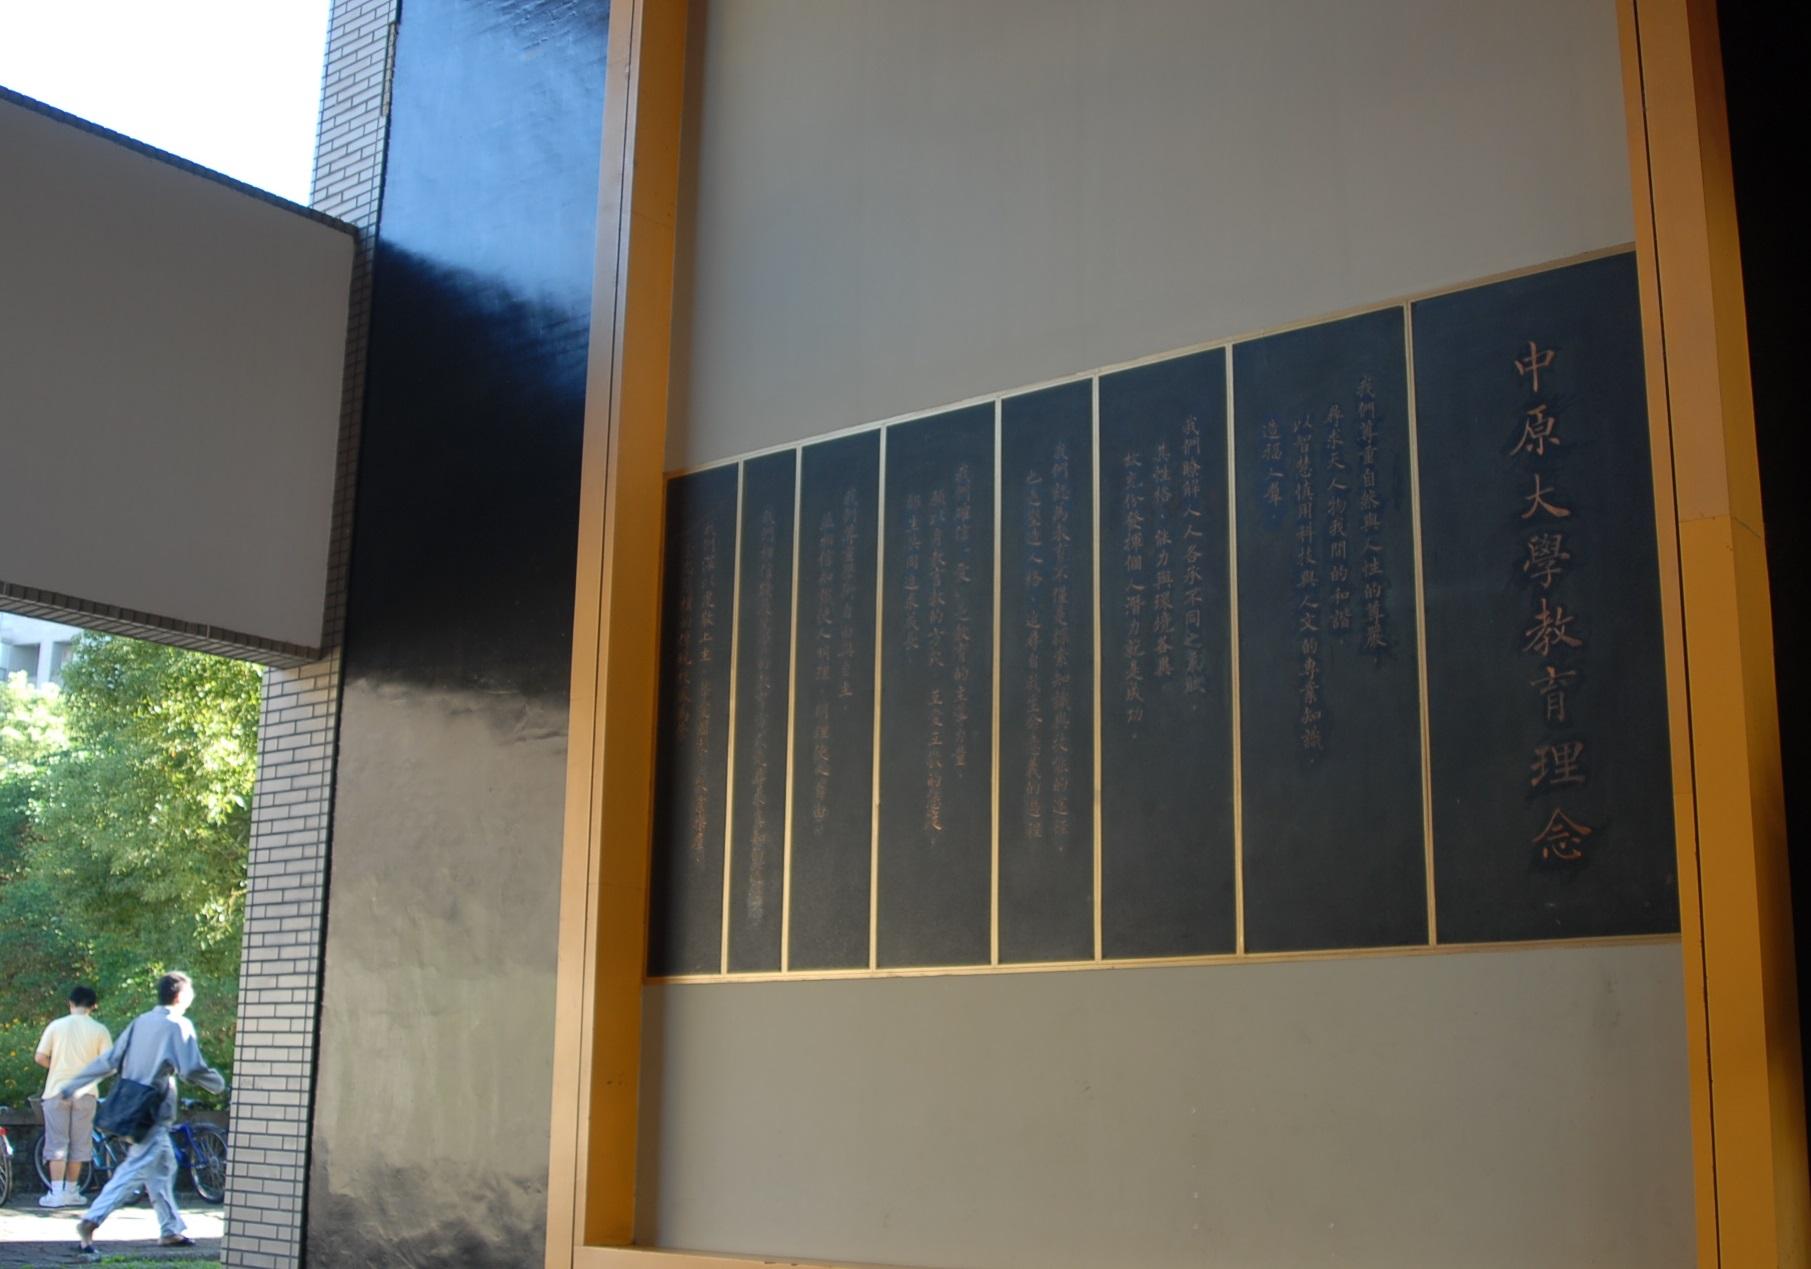 中原大學教育理念牆於懷恩樓.jpg